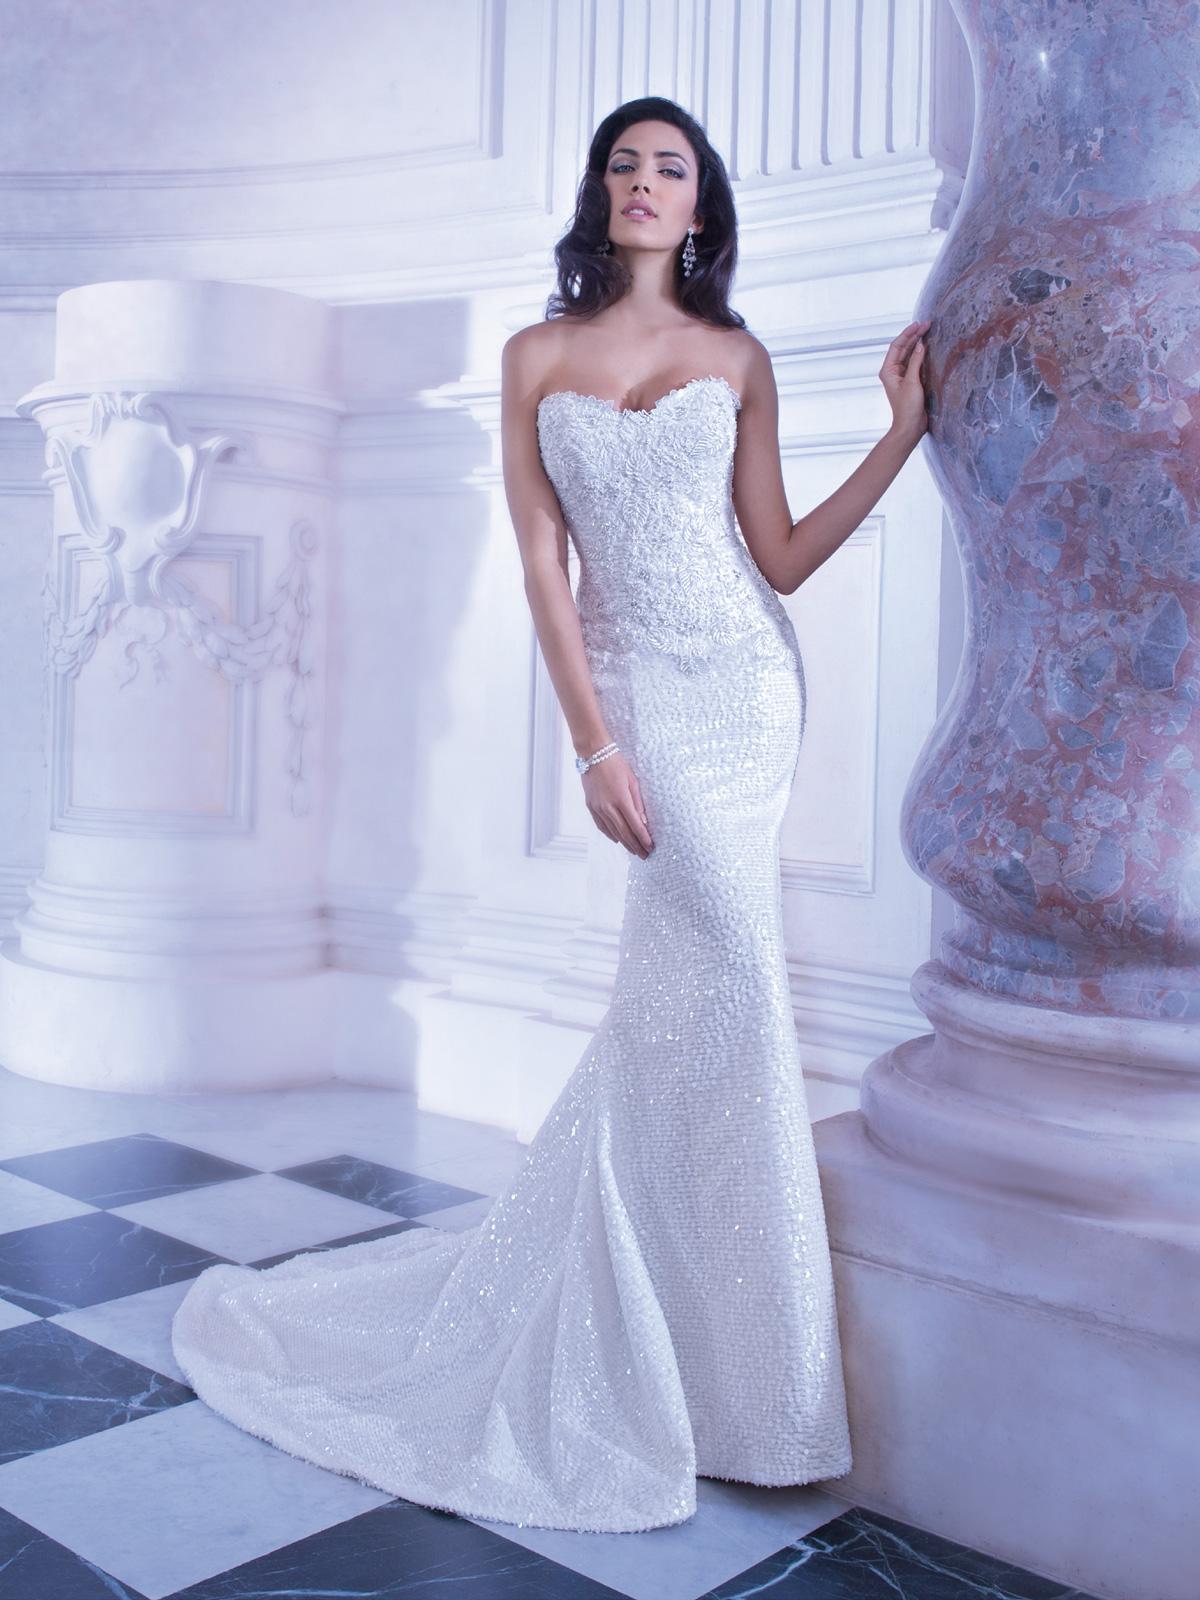 Vestido de Noiva moderno, tomara que caia, com corpo em renda francesa rebordada em pedrarias, saia sereia toda em mini paetês e cauda.